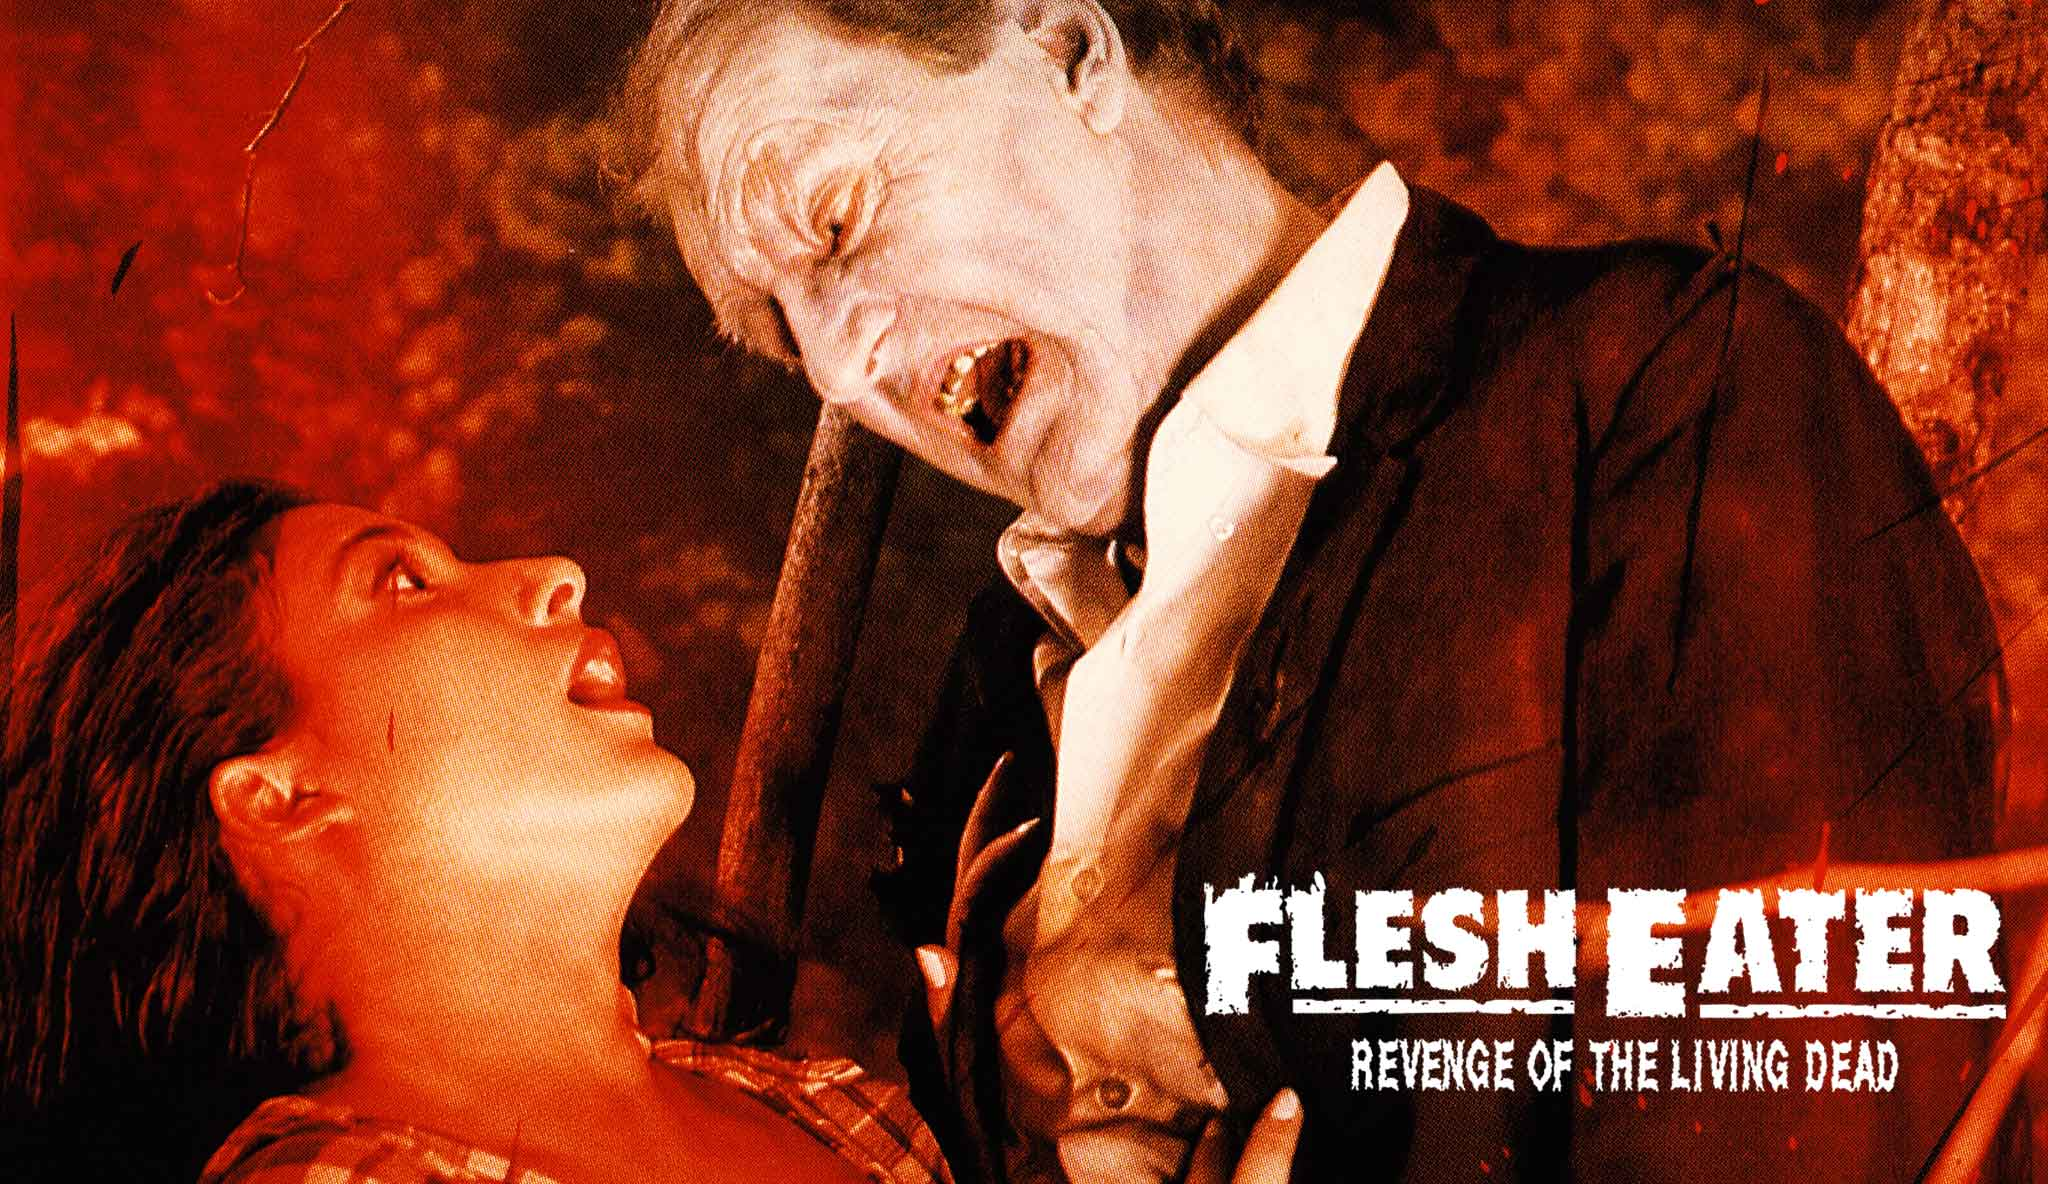 flesh-eater-revenge-of-the-living-death\header.jpg